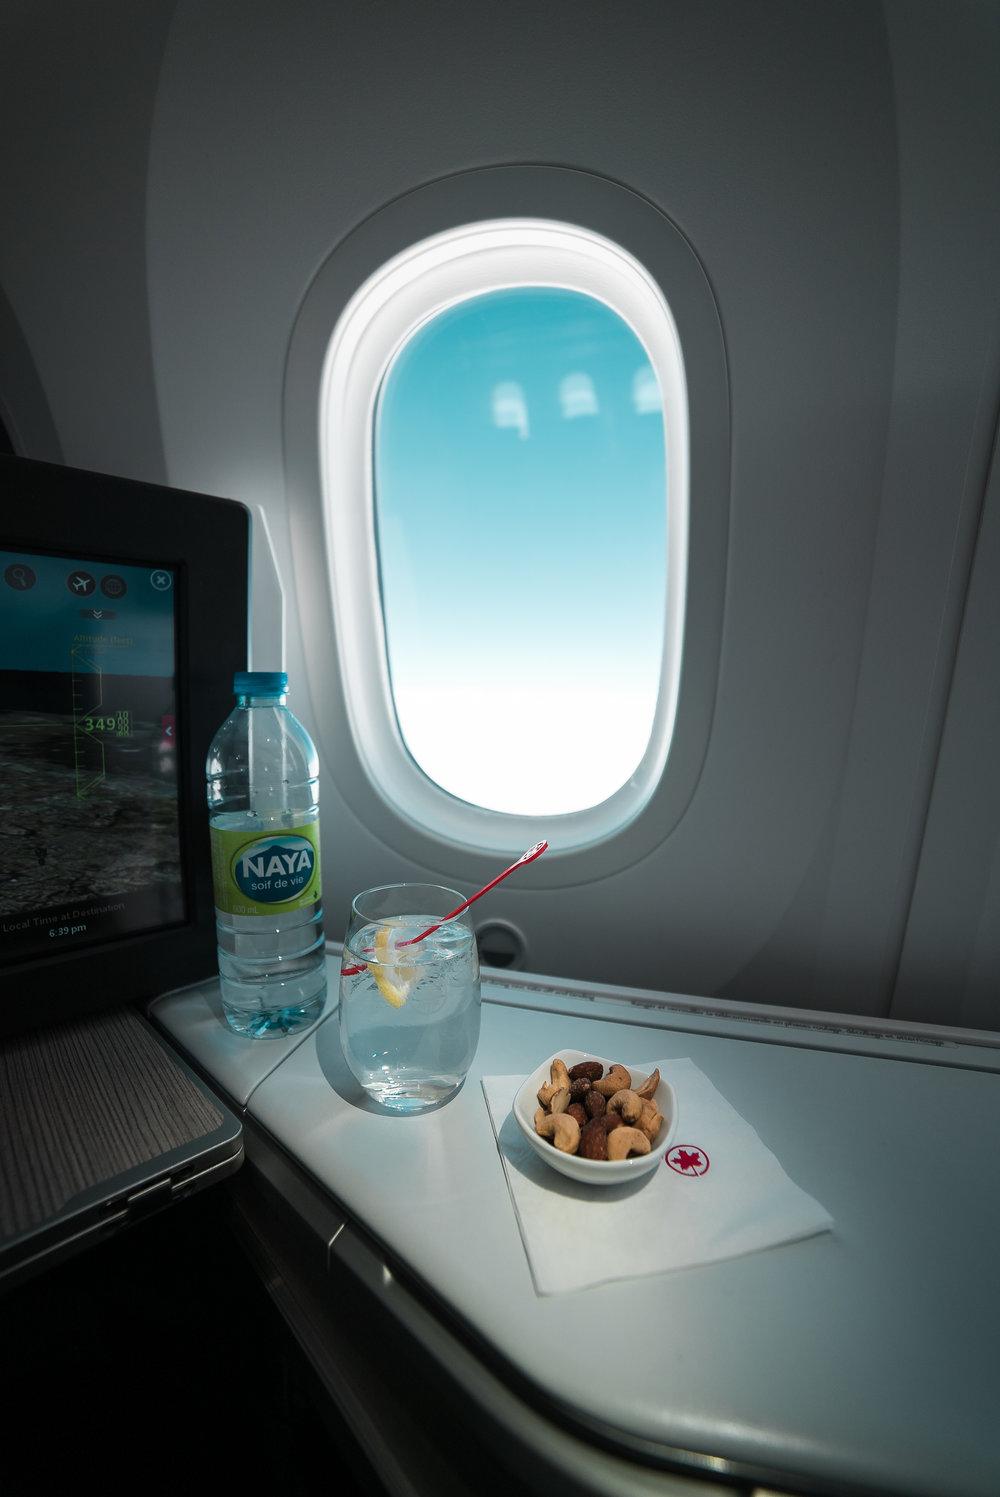 AirCanadaBiz-00475.jpg